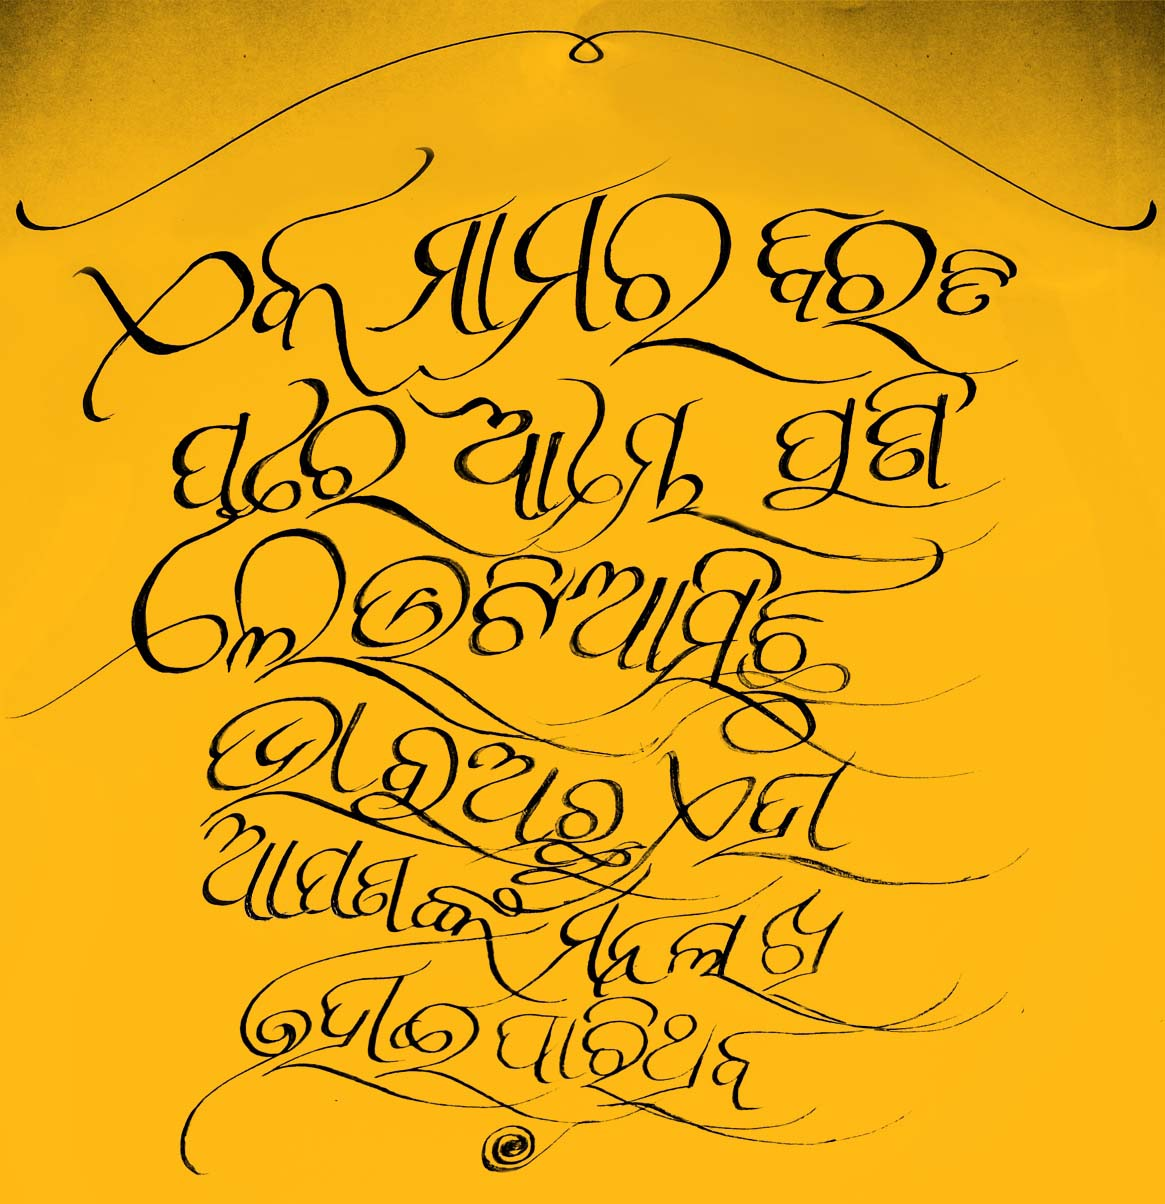 nghệ thuật calligraphy nam á